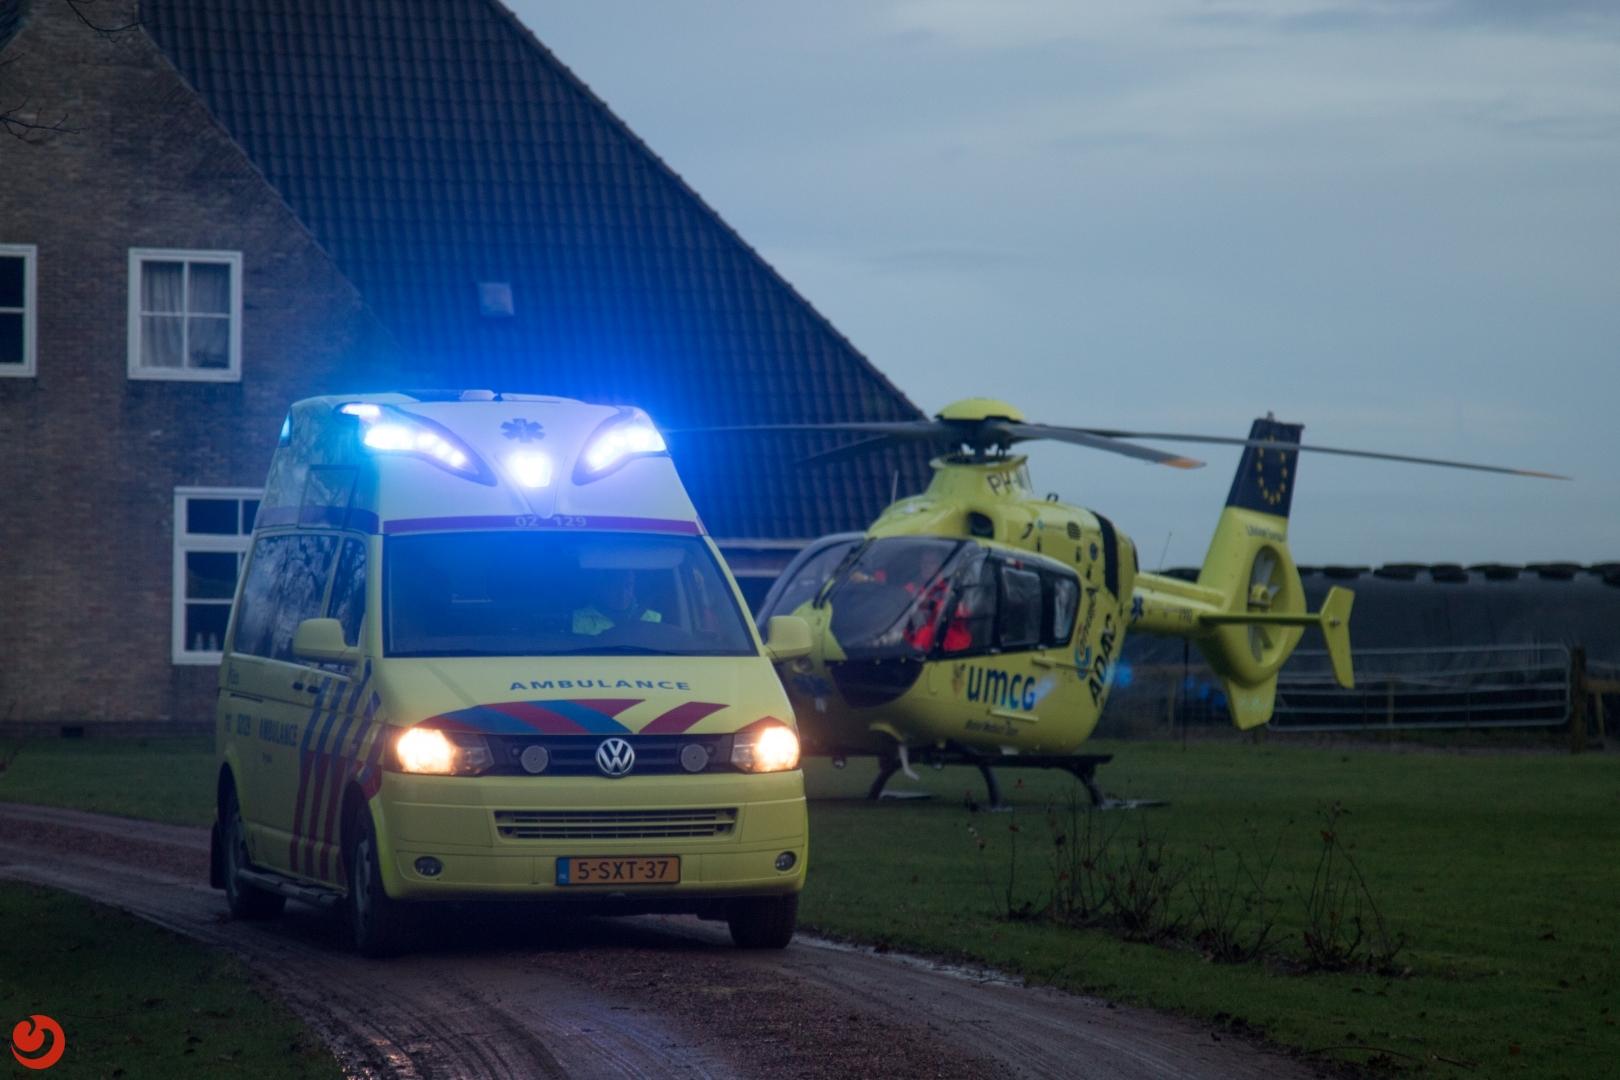 Ernstig gewonde bij ongeval op boerderij